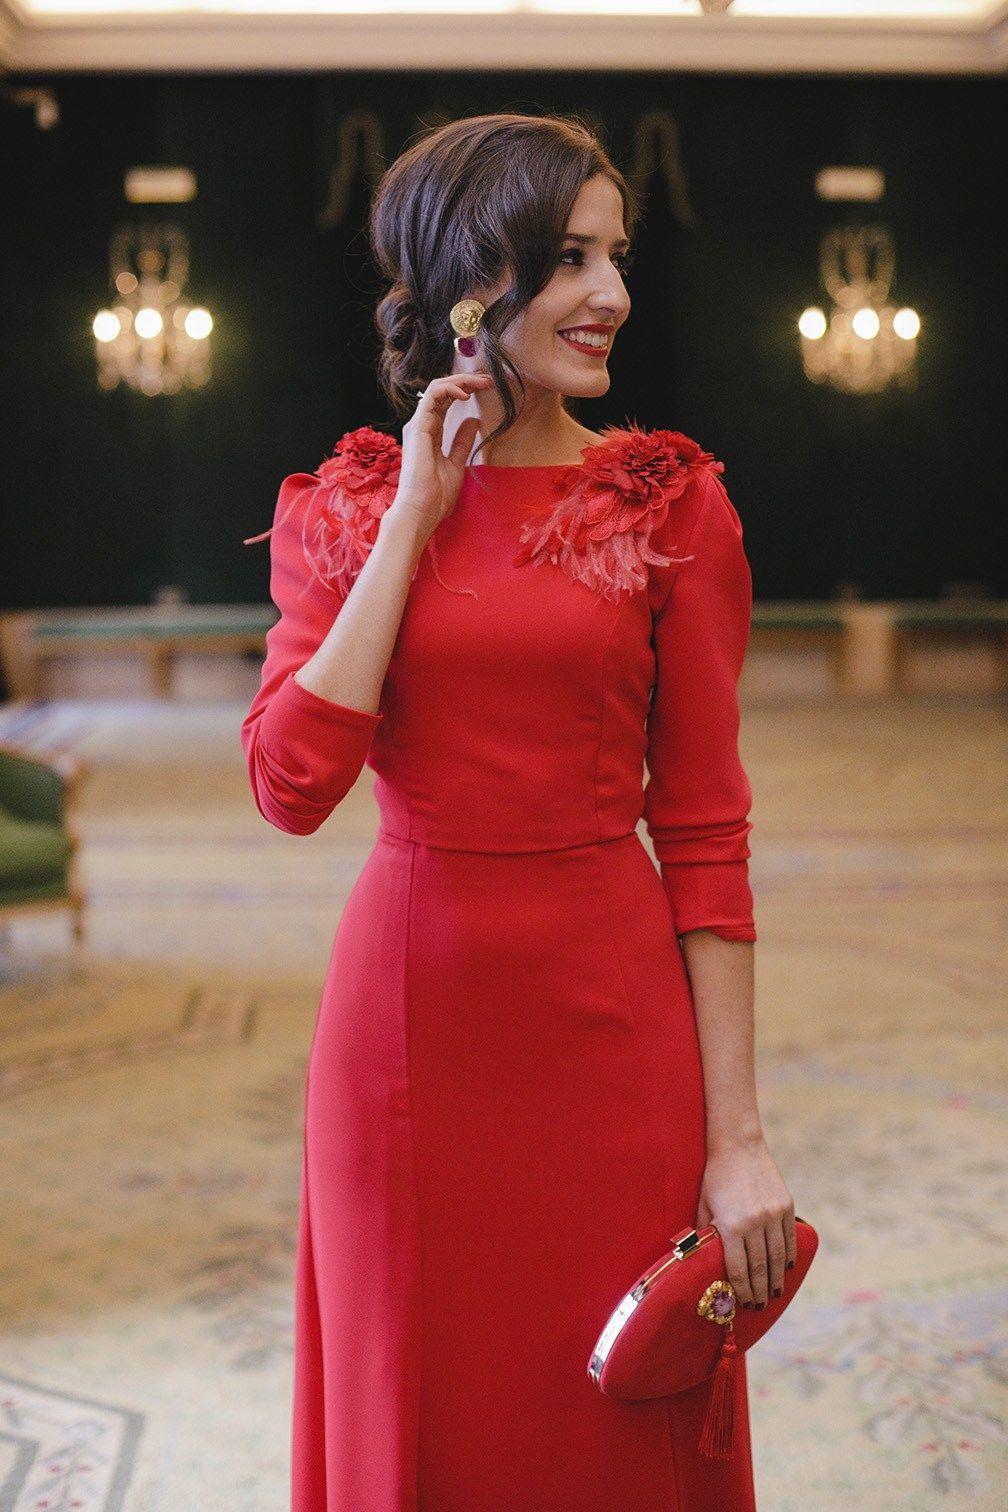 ac24349ec Look invitada boda noche vestido rojo largo espalda Vestidos Rojos Elegantes